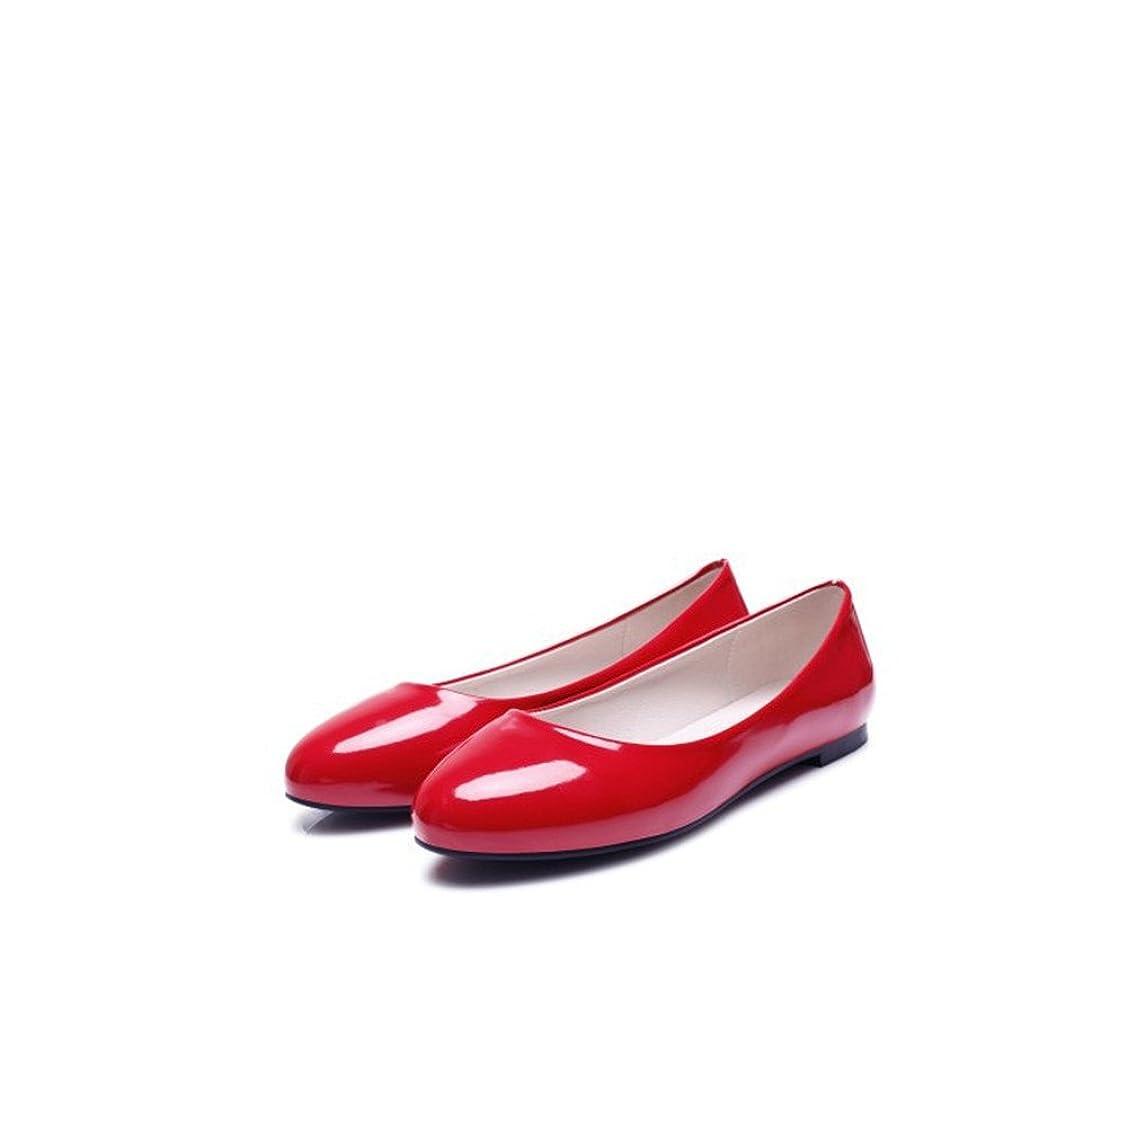 フェロー諸島投獄意味CVICVJAPAN シンプルフラットパンプス大きなサイズ浅口ラウンド靴 (23.5, レッド)